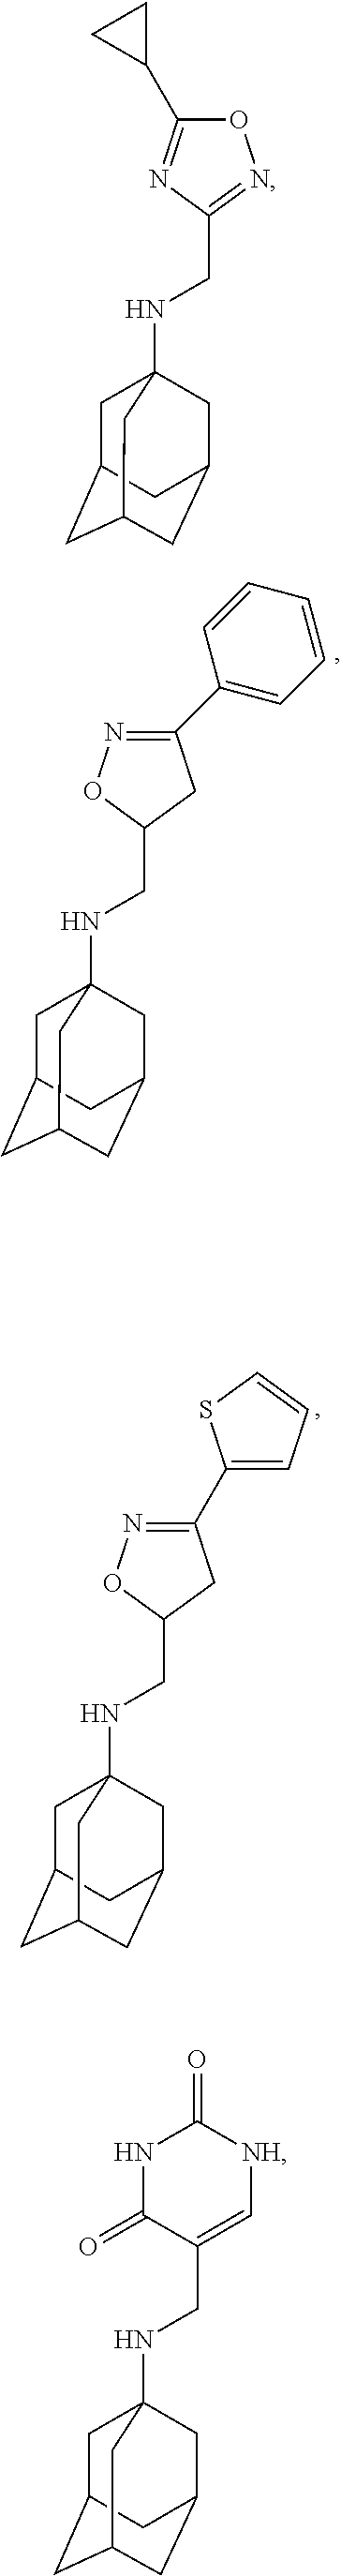 Figure US09884832-20180206-C00166